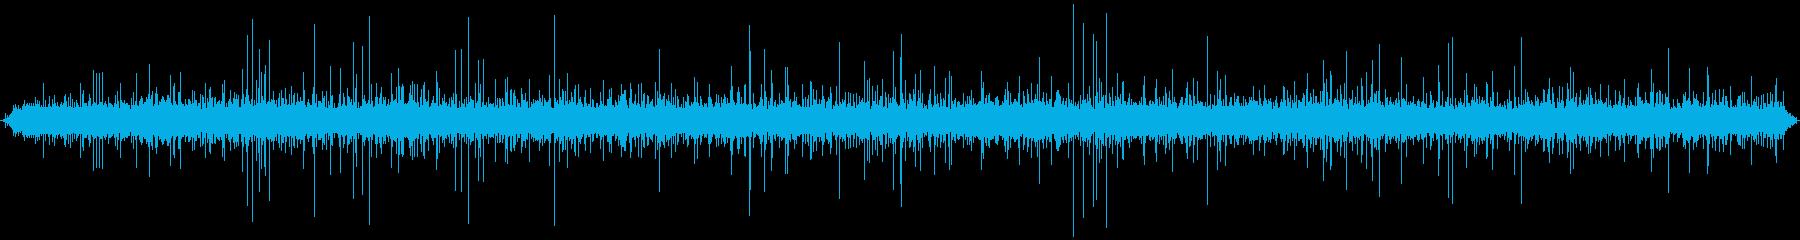 せせらぎの音 の再生済みの波形